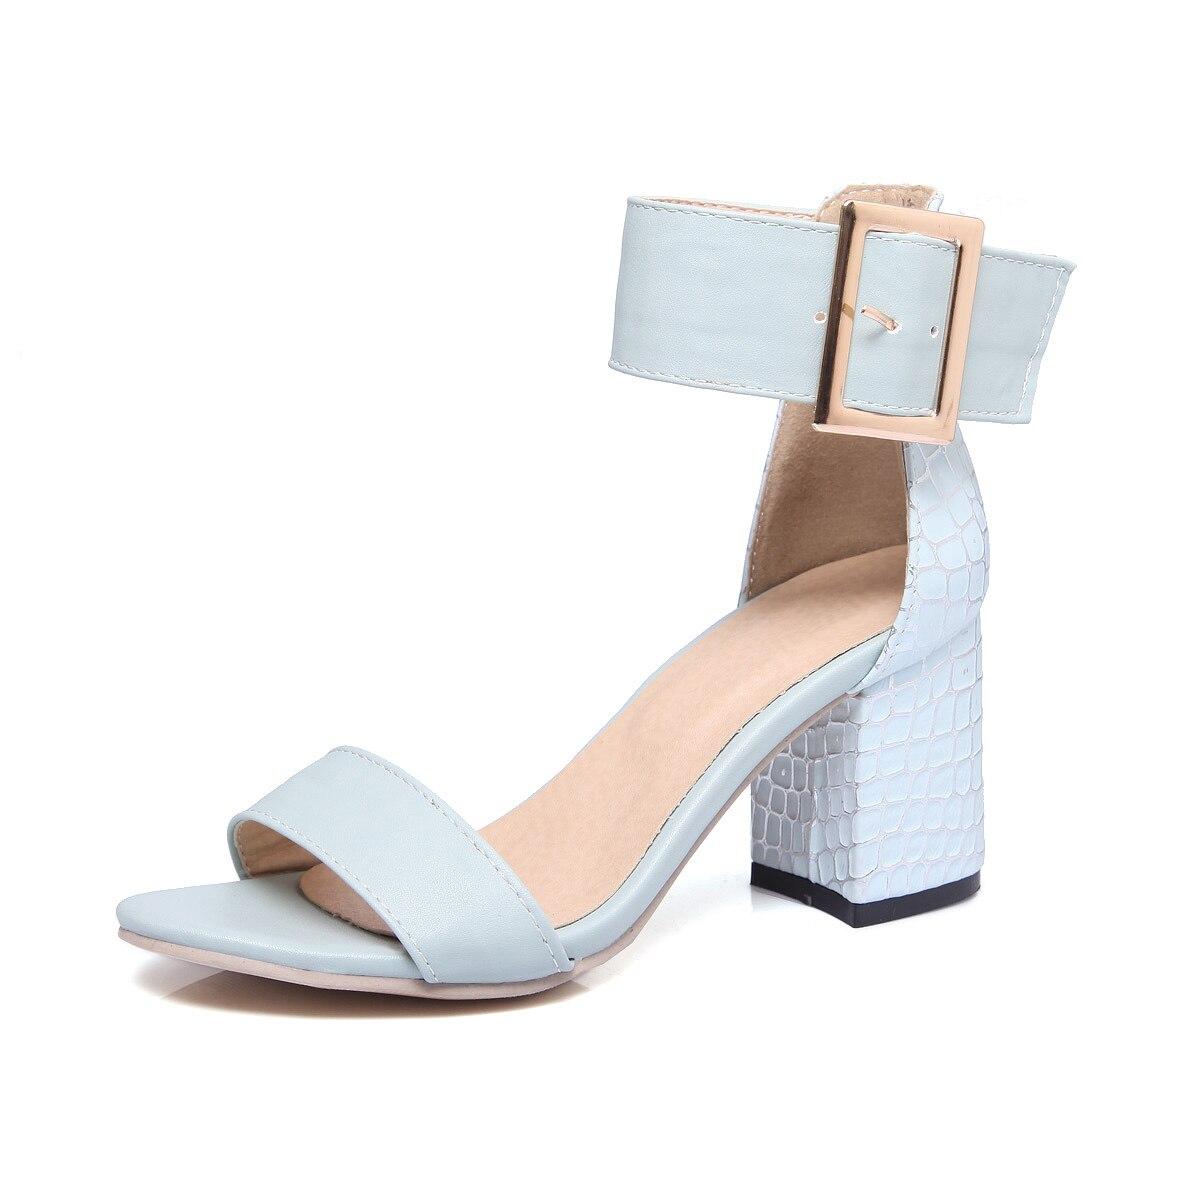 Tamaño Sandalias Mujer Altos Tacón Sexy blanco Casual 34 Nueva De 43 Tacones  Mujeres Azul Gran rosado Cuadrado 2018 Zapatos wOW10qqv e52a84a52ac6